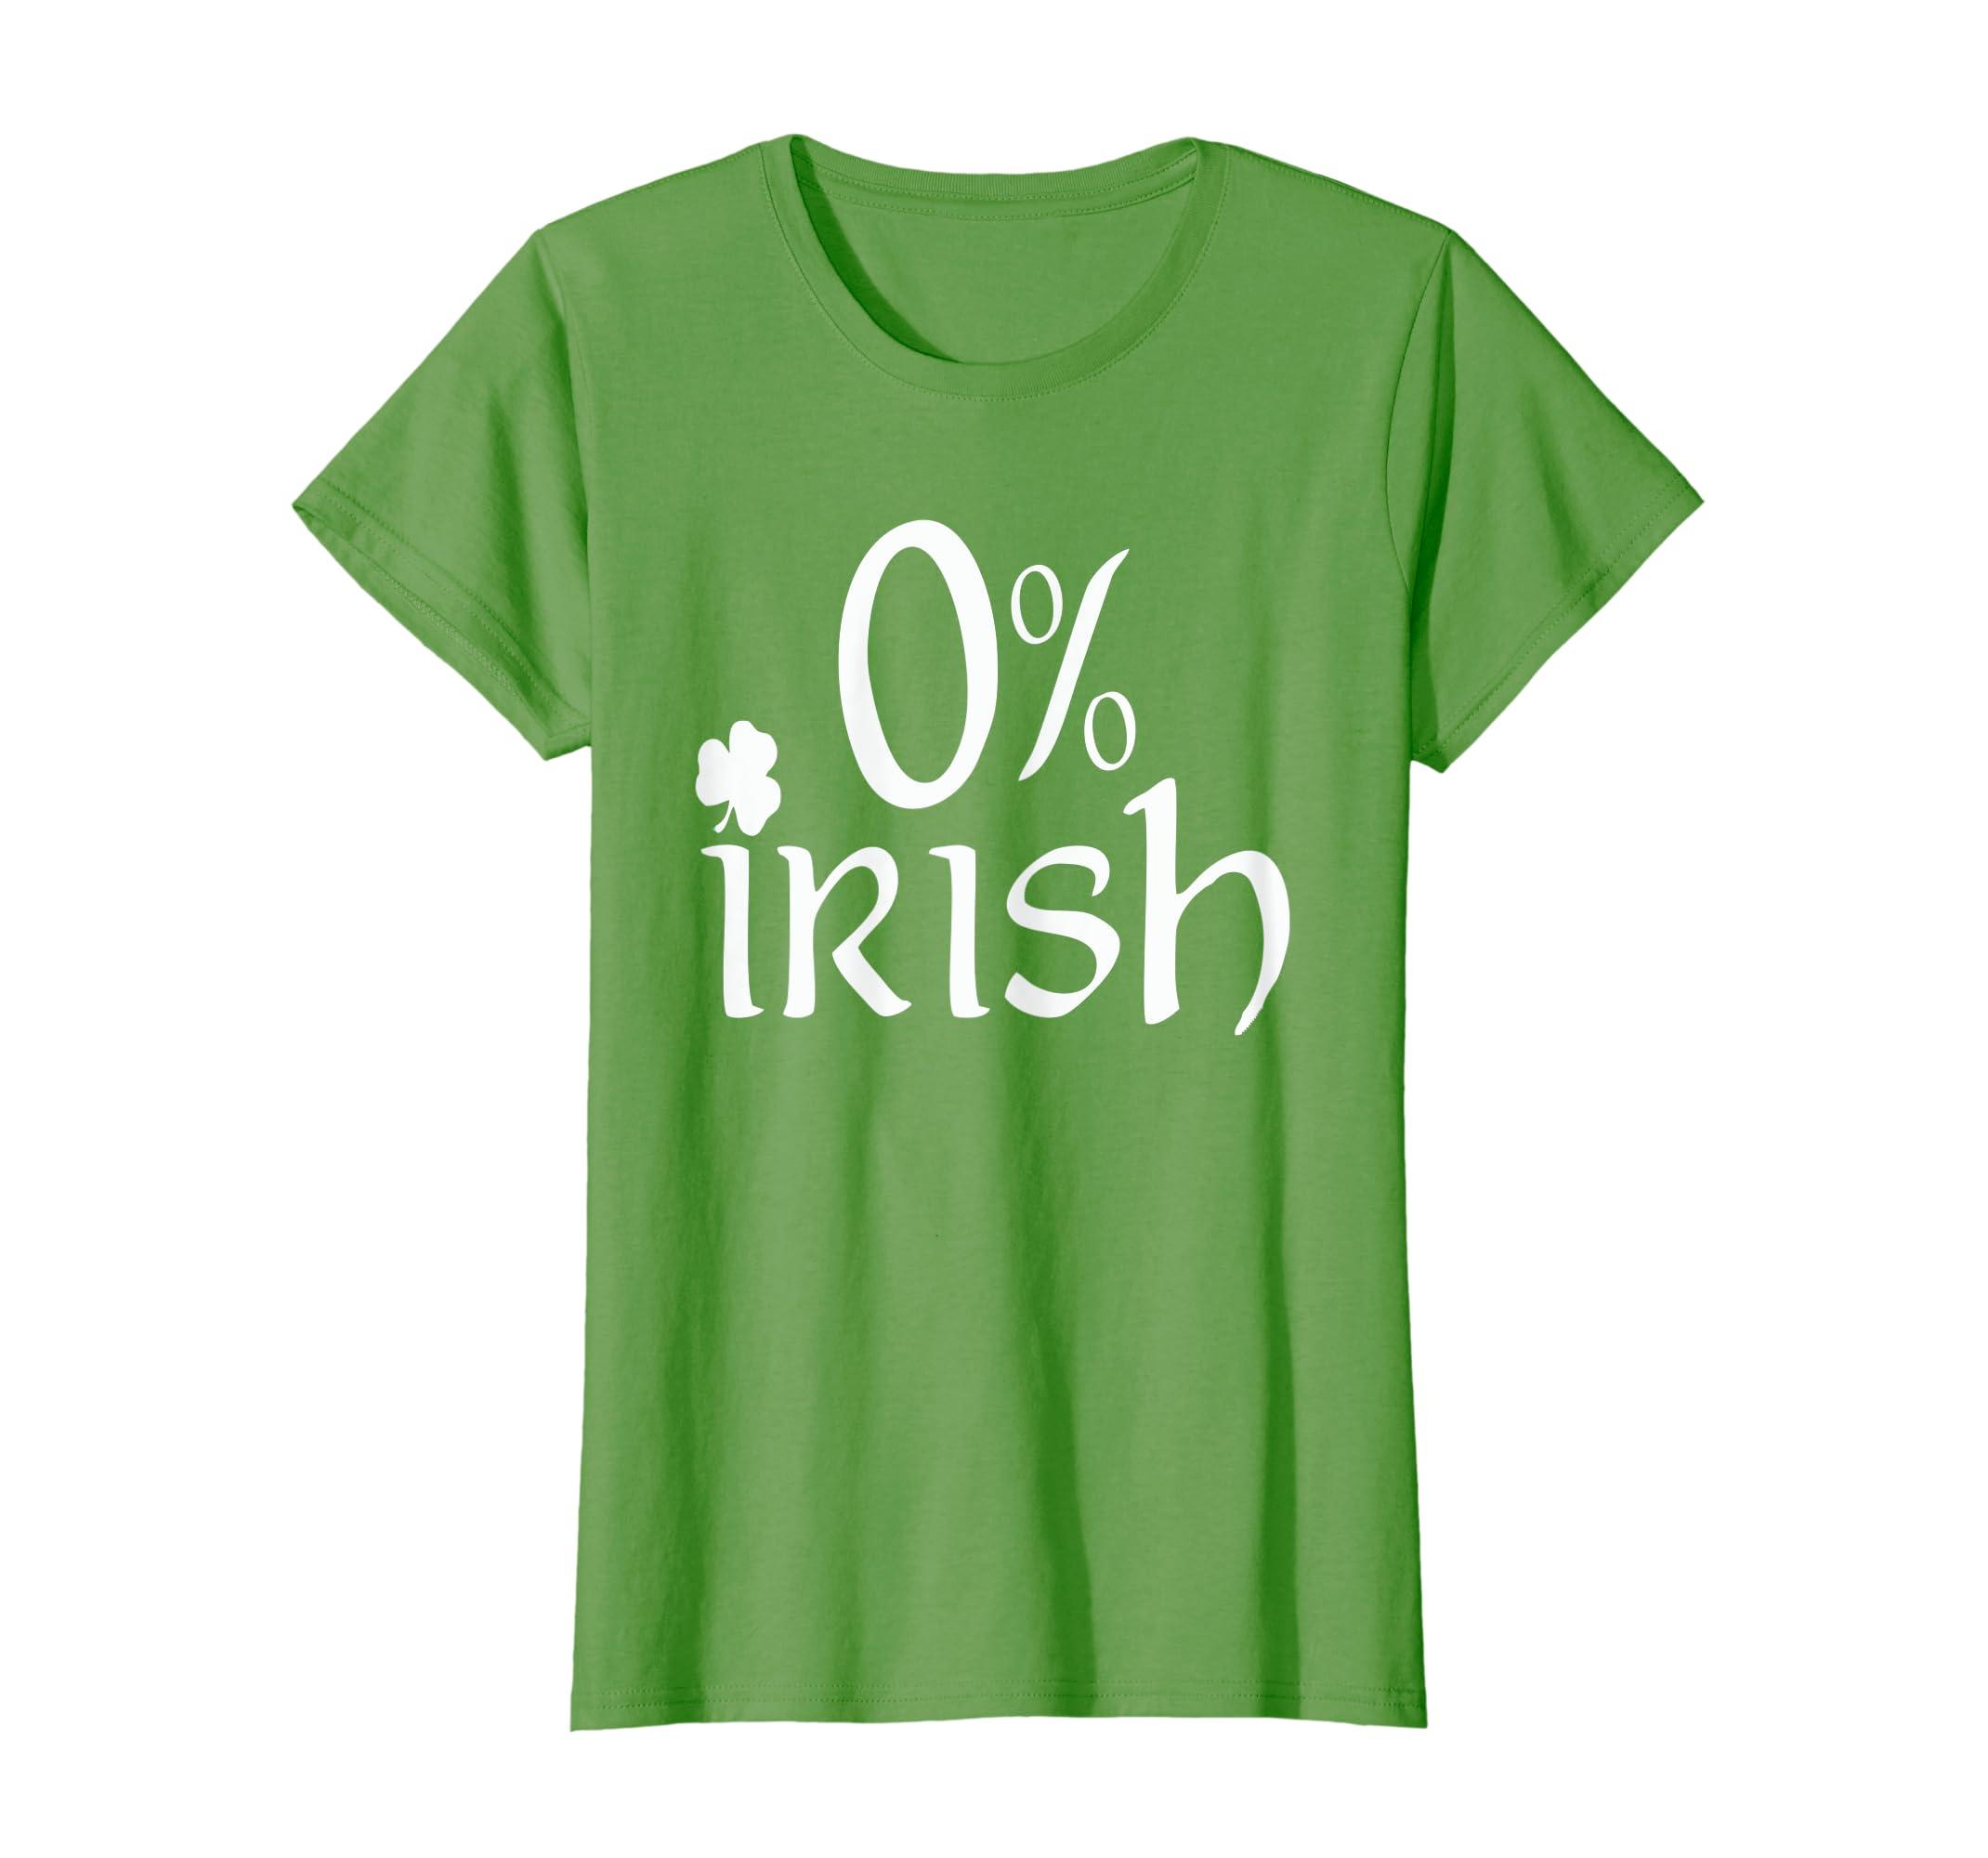 88494dc743f30 Amazon.com: St Patrick's Day 0% Irish Shamrock T Shirt Drinking ...